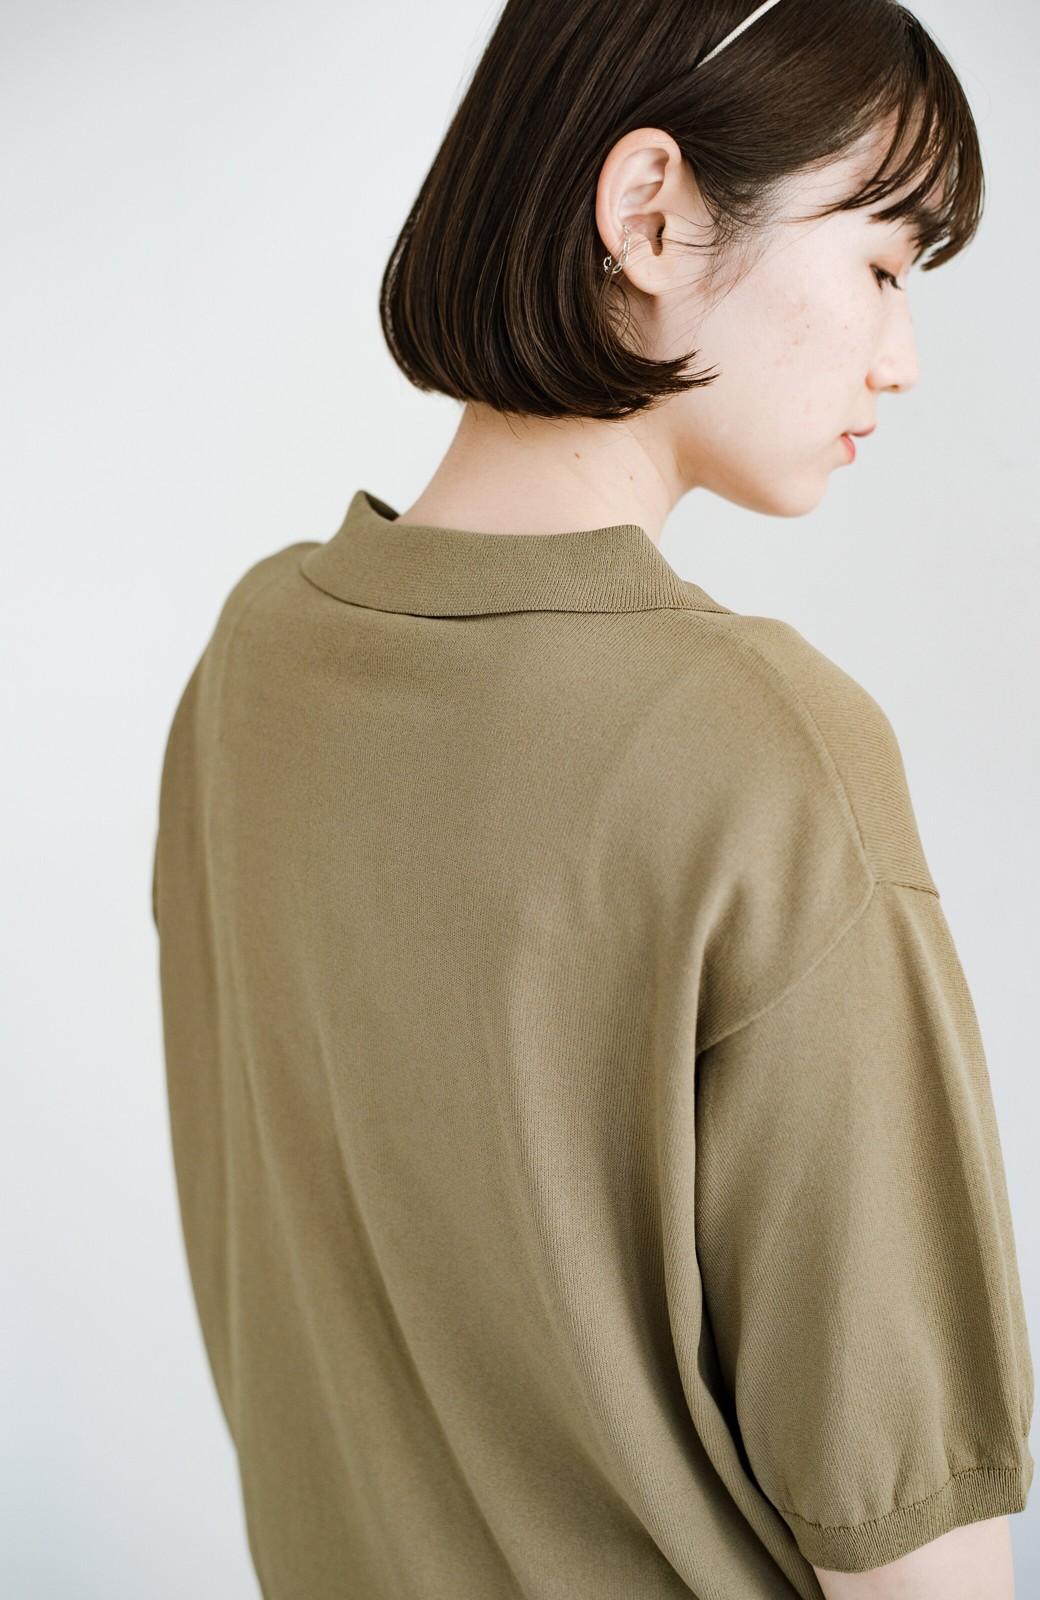 haco! Tシャツ代わりに着ておしゃれ気分が高まる 洗濯機で洗えるポロニットトップス <ベージュ>の商品写真6